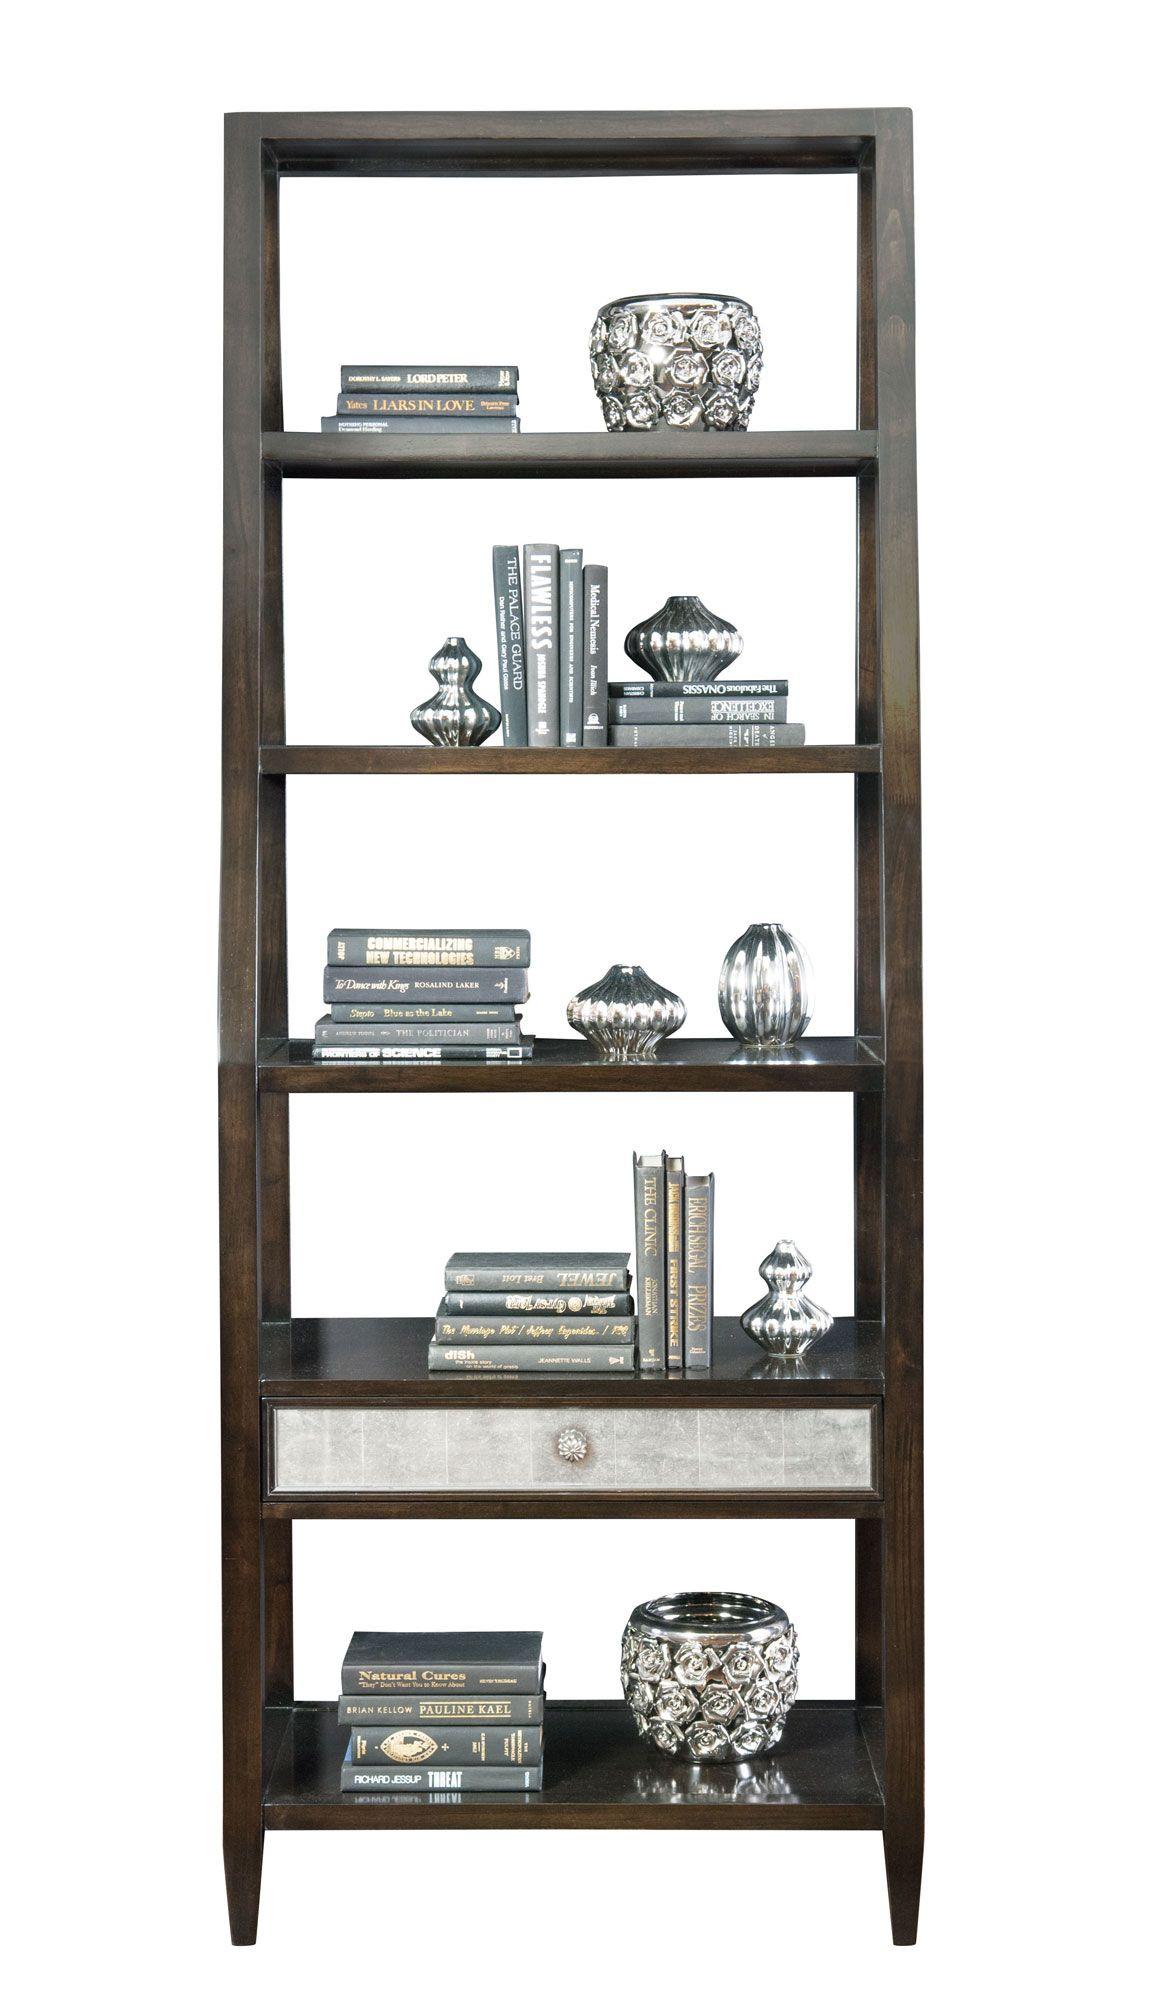 Sutton House Bookcase Bernhardt Sofas Etc House Ideas  # Muebles Nemesis